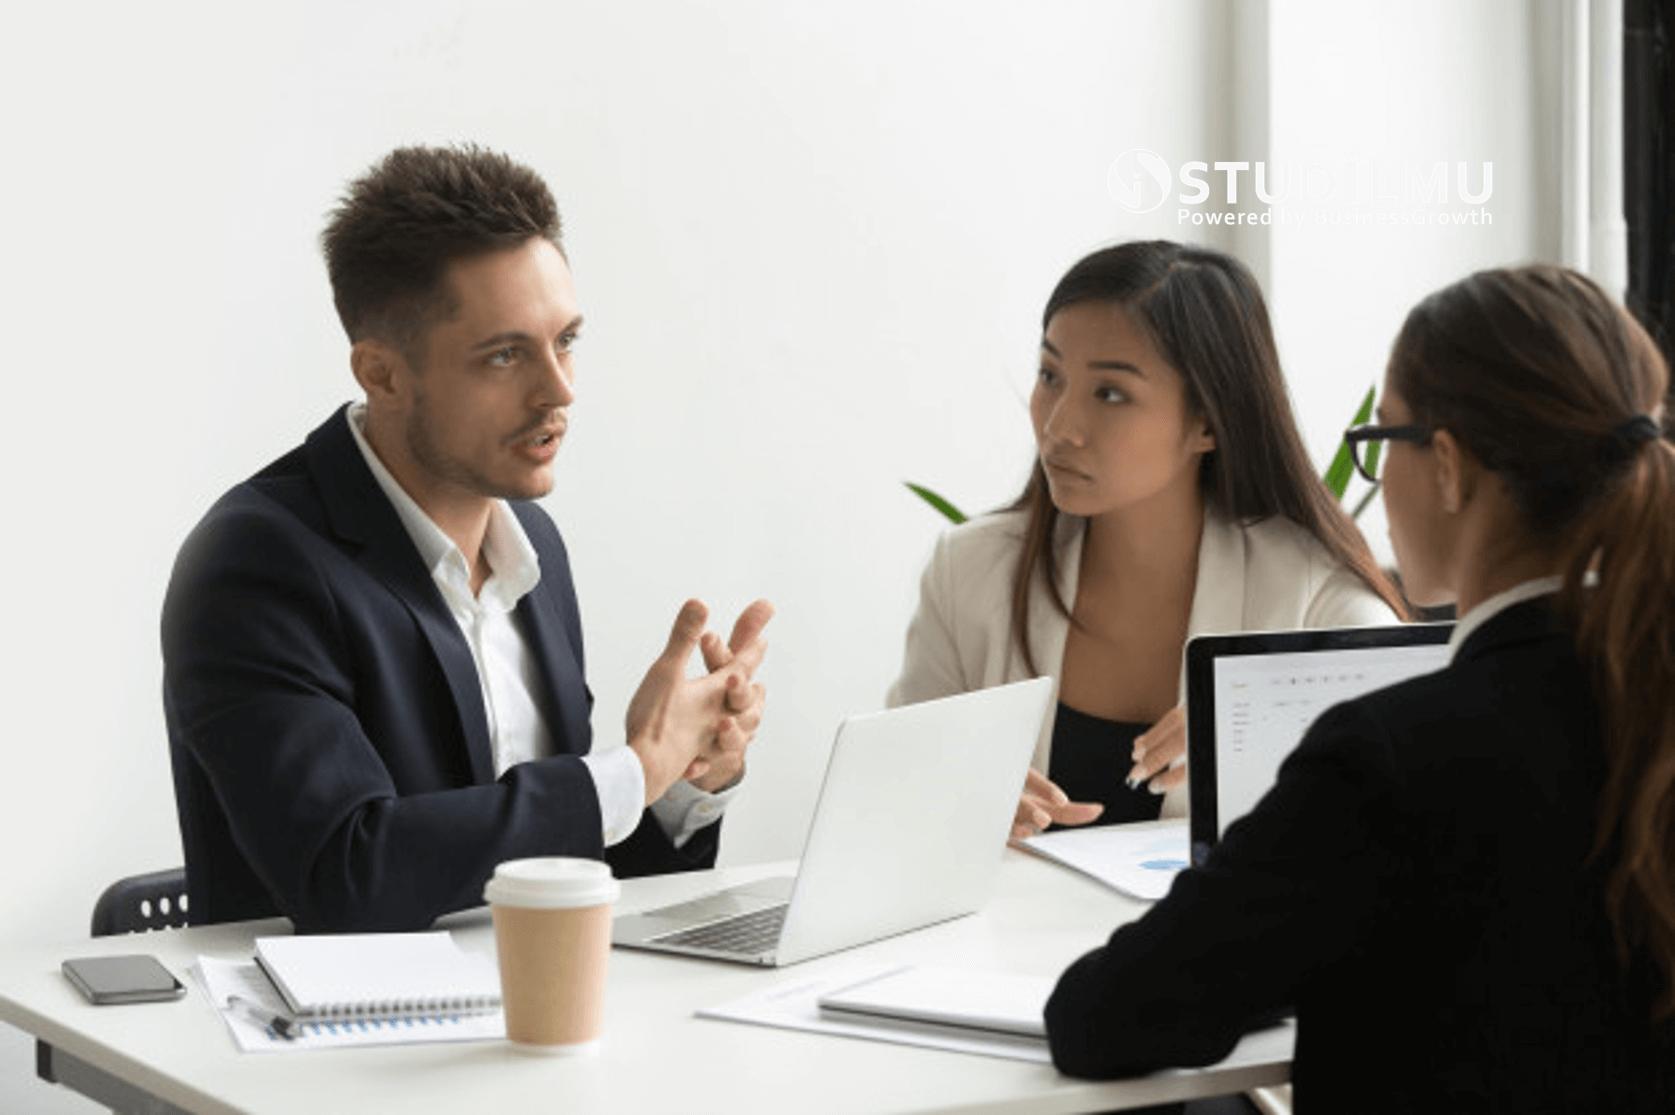 STUDILMU Career Advice - 4 Keterampilan Komunikasi untuk Mengikat Hati Milenial di Perusahaan